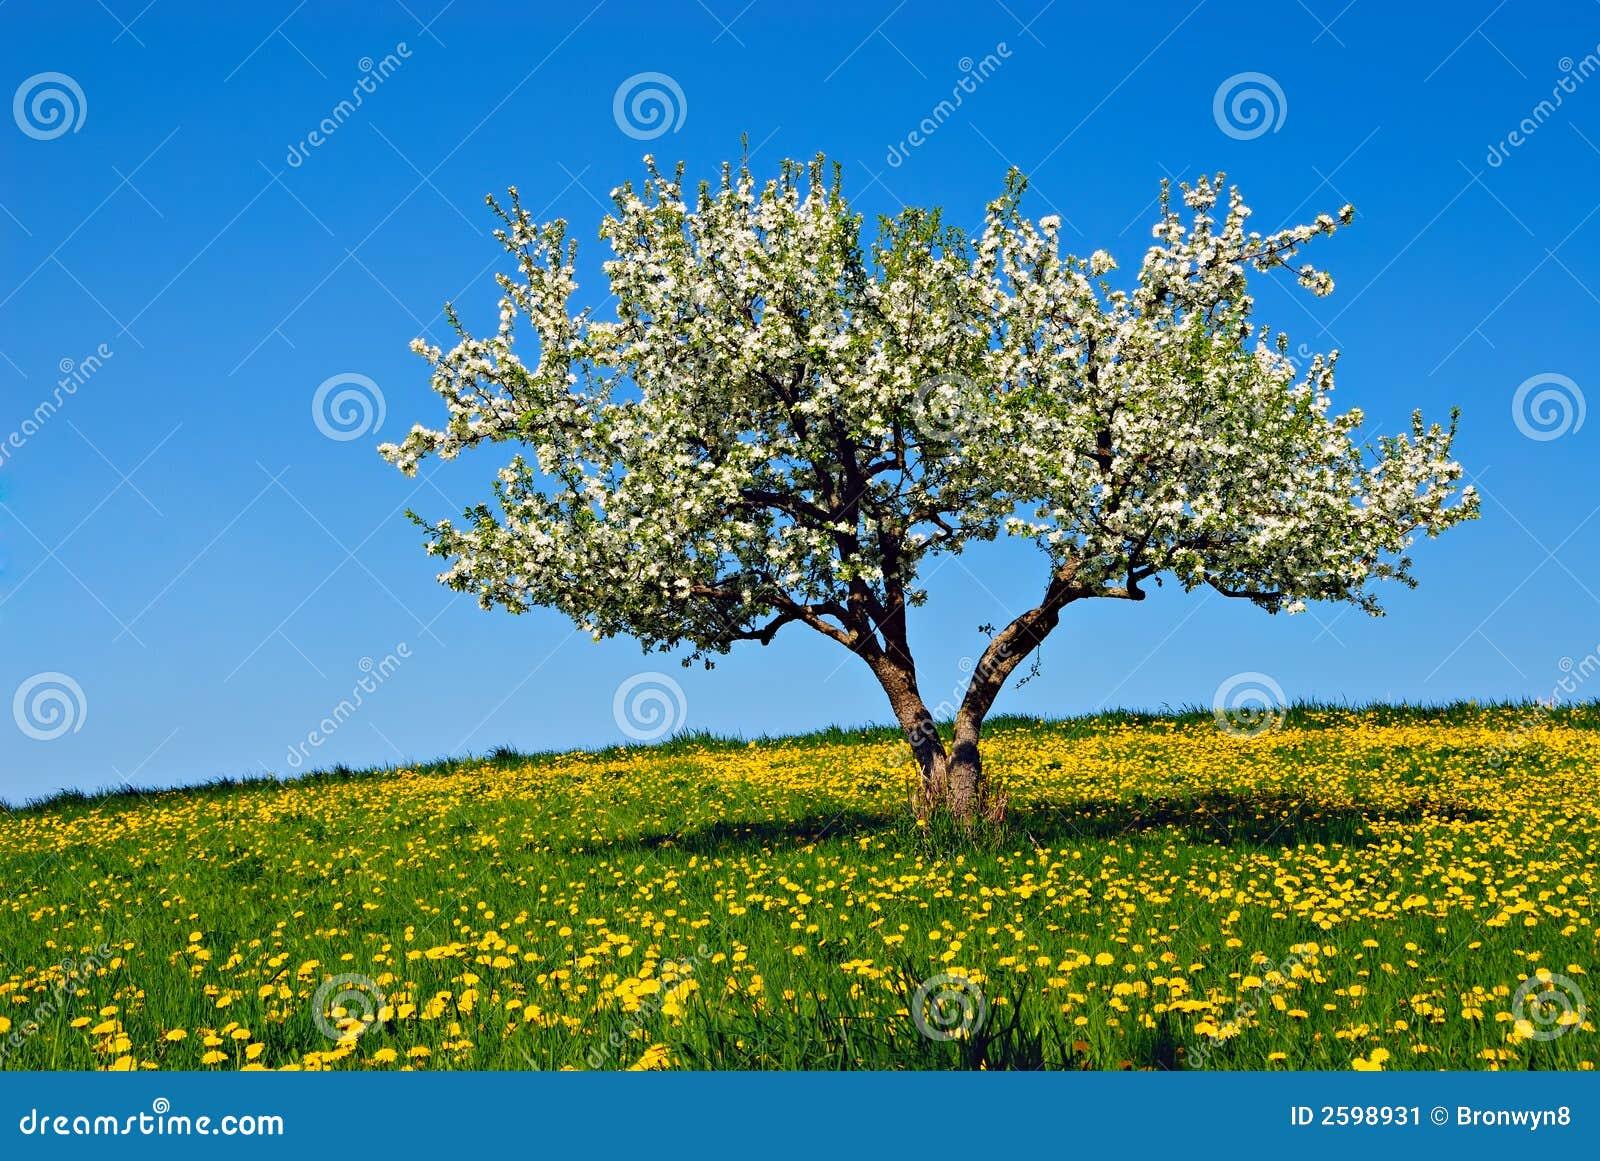 De boom van de appel met bloesems